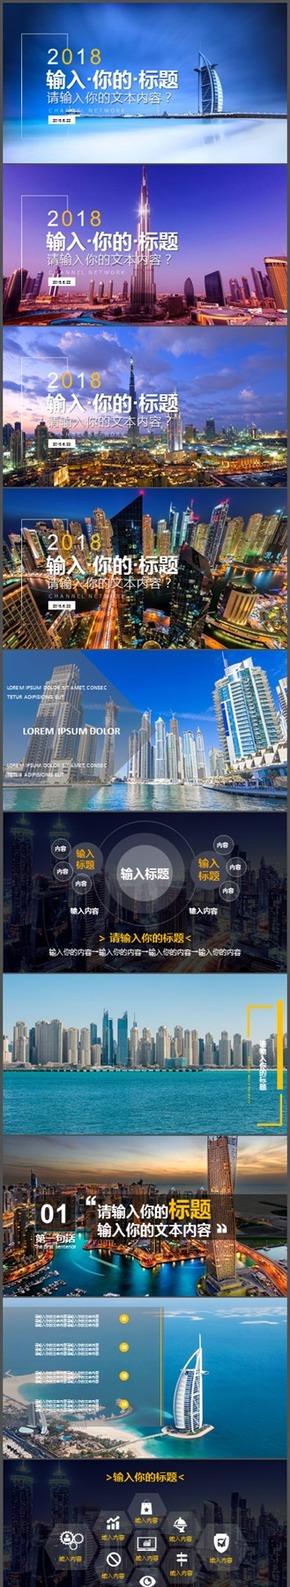 商务高端迪拜城市建筑旅游项目推介 商务大气模板